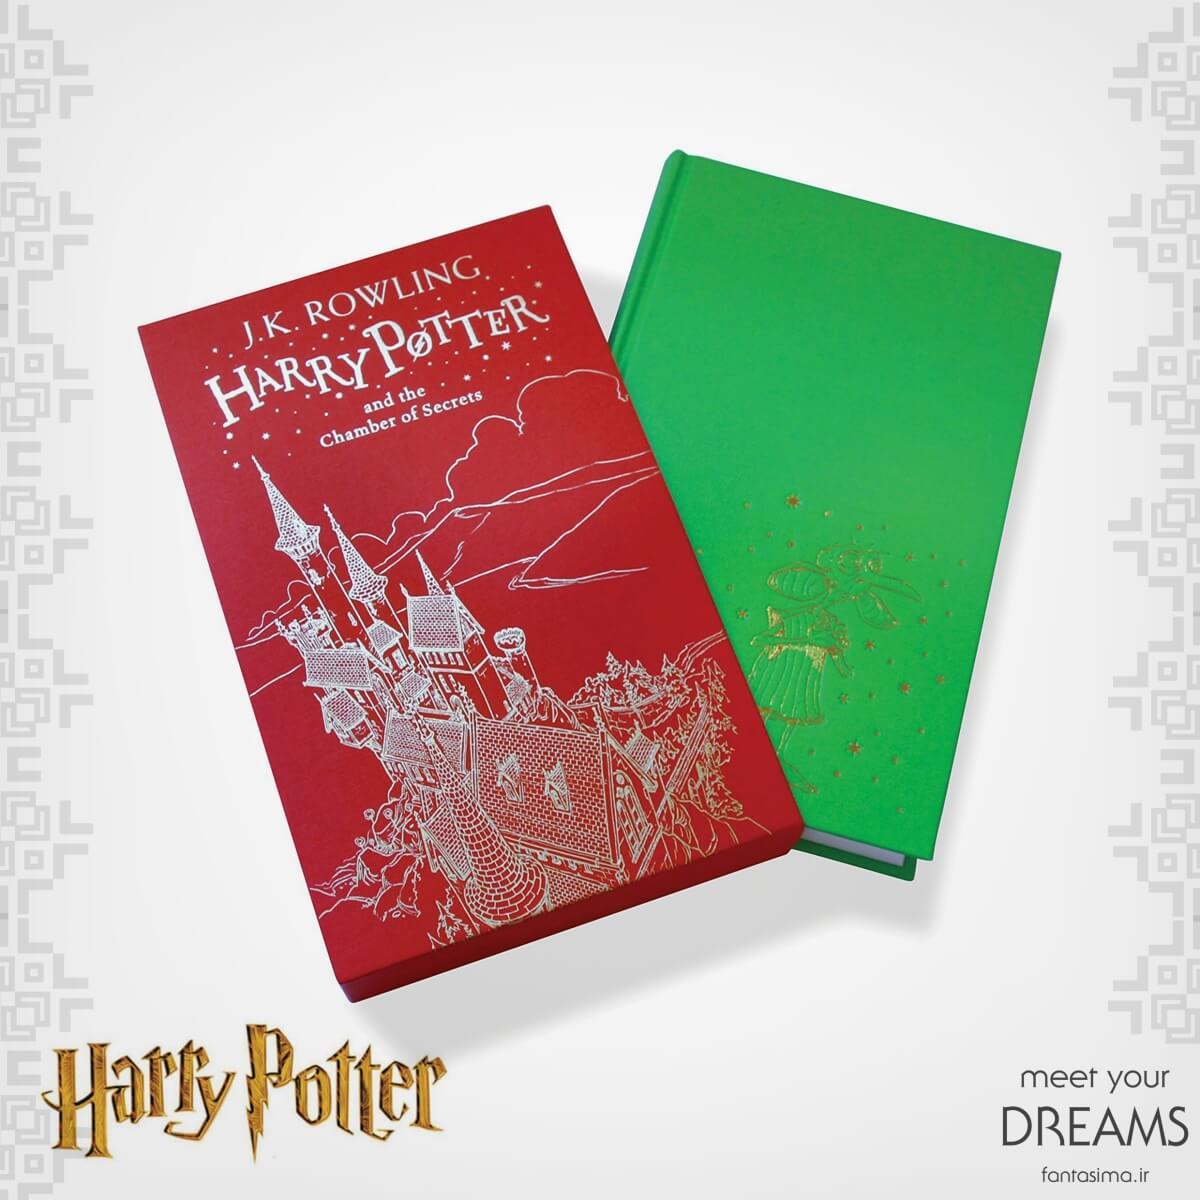 کتاب هری پاتر و تالار اسرار همراه با کاور سخت